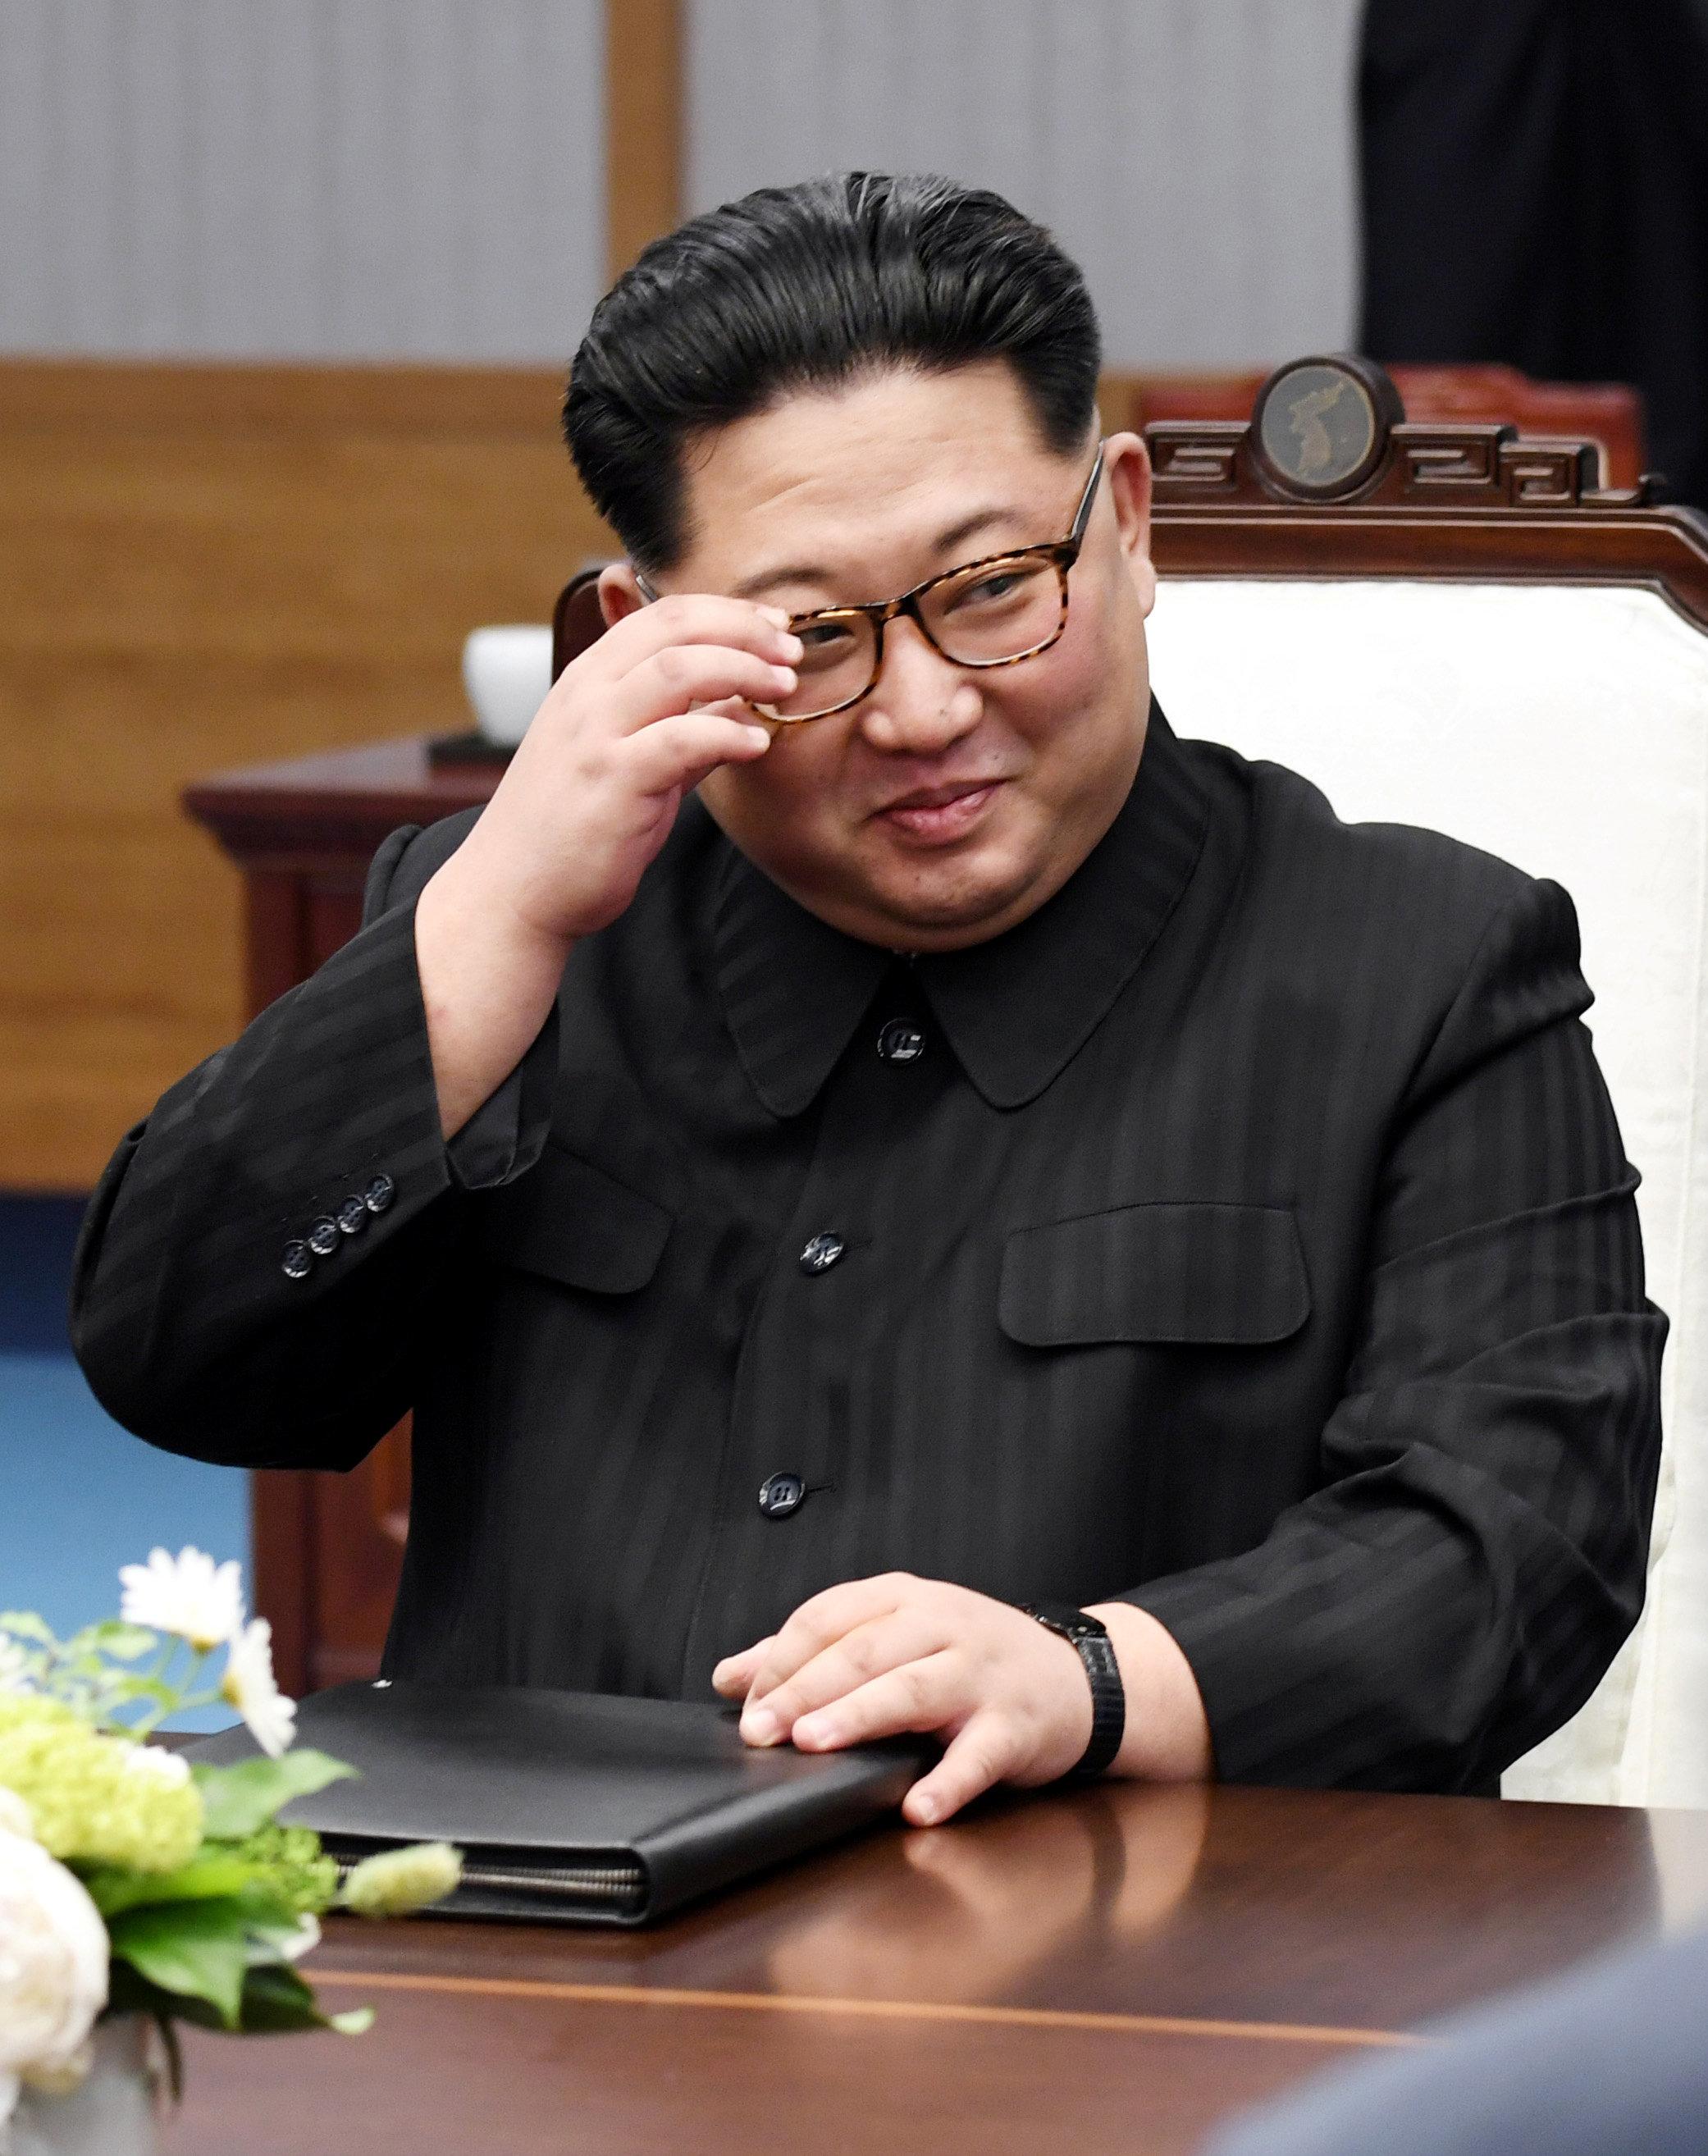 김정은이 백두산에서 '손가락 하트'를 했고, 한국 인터넷은